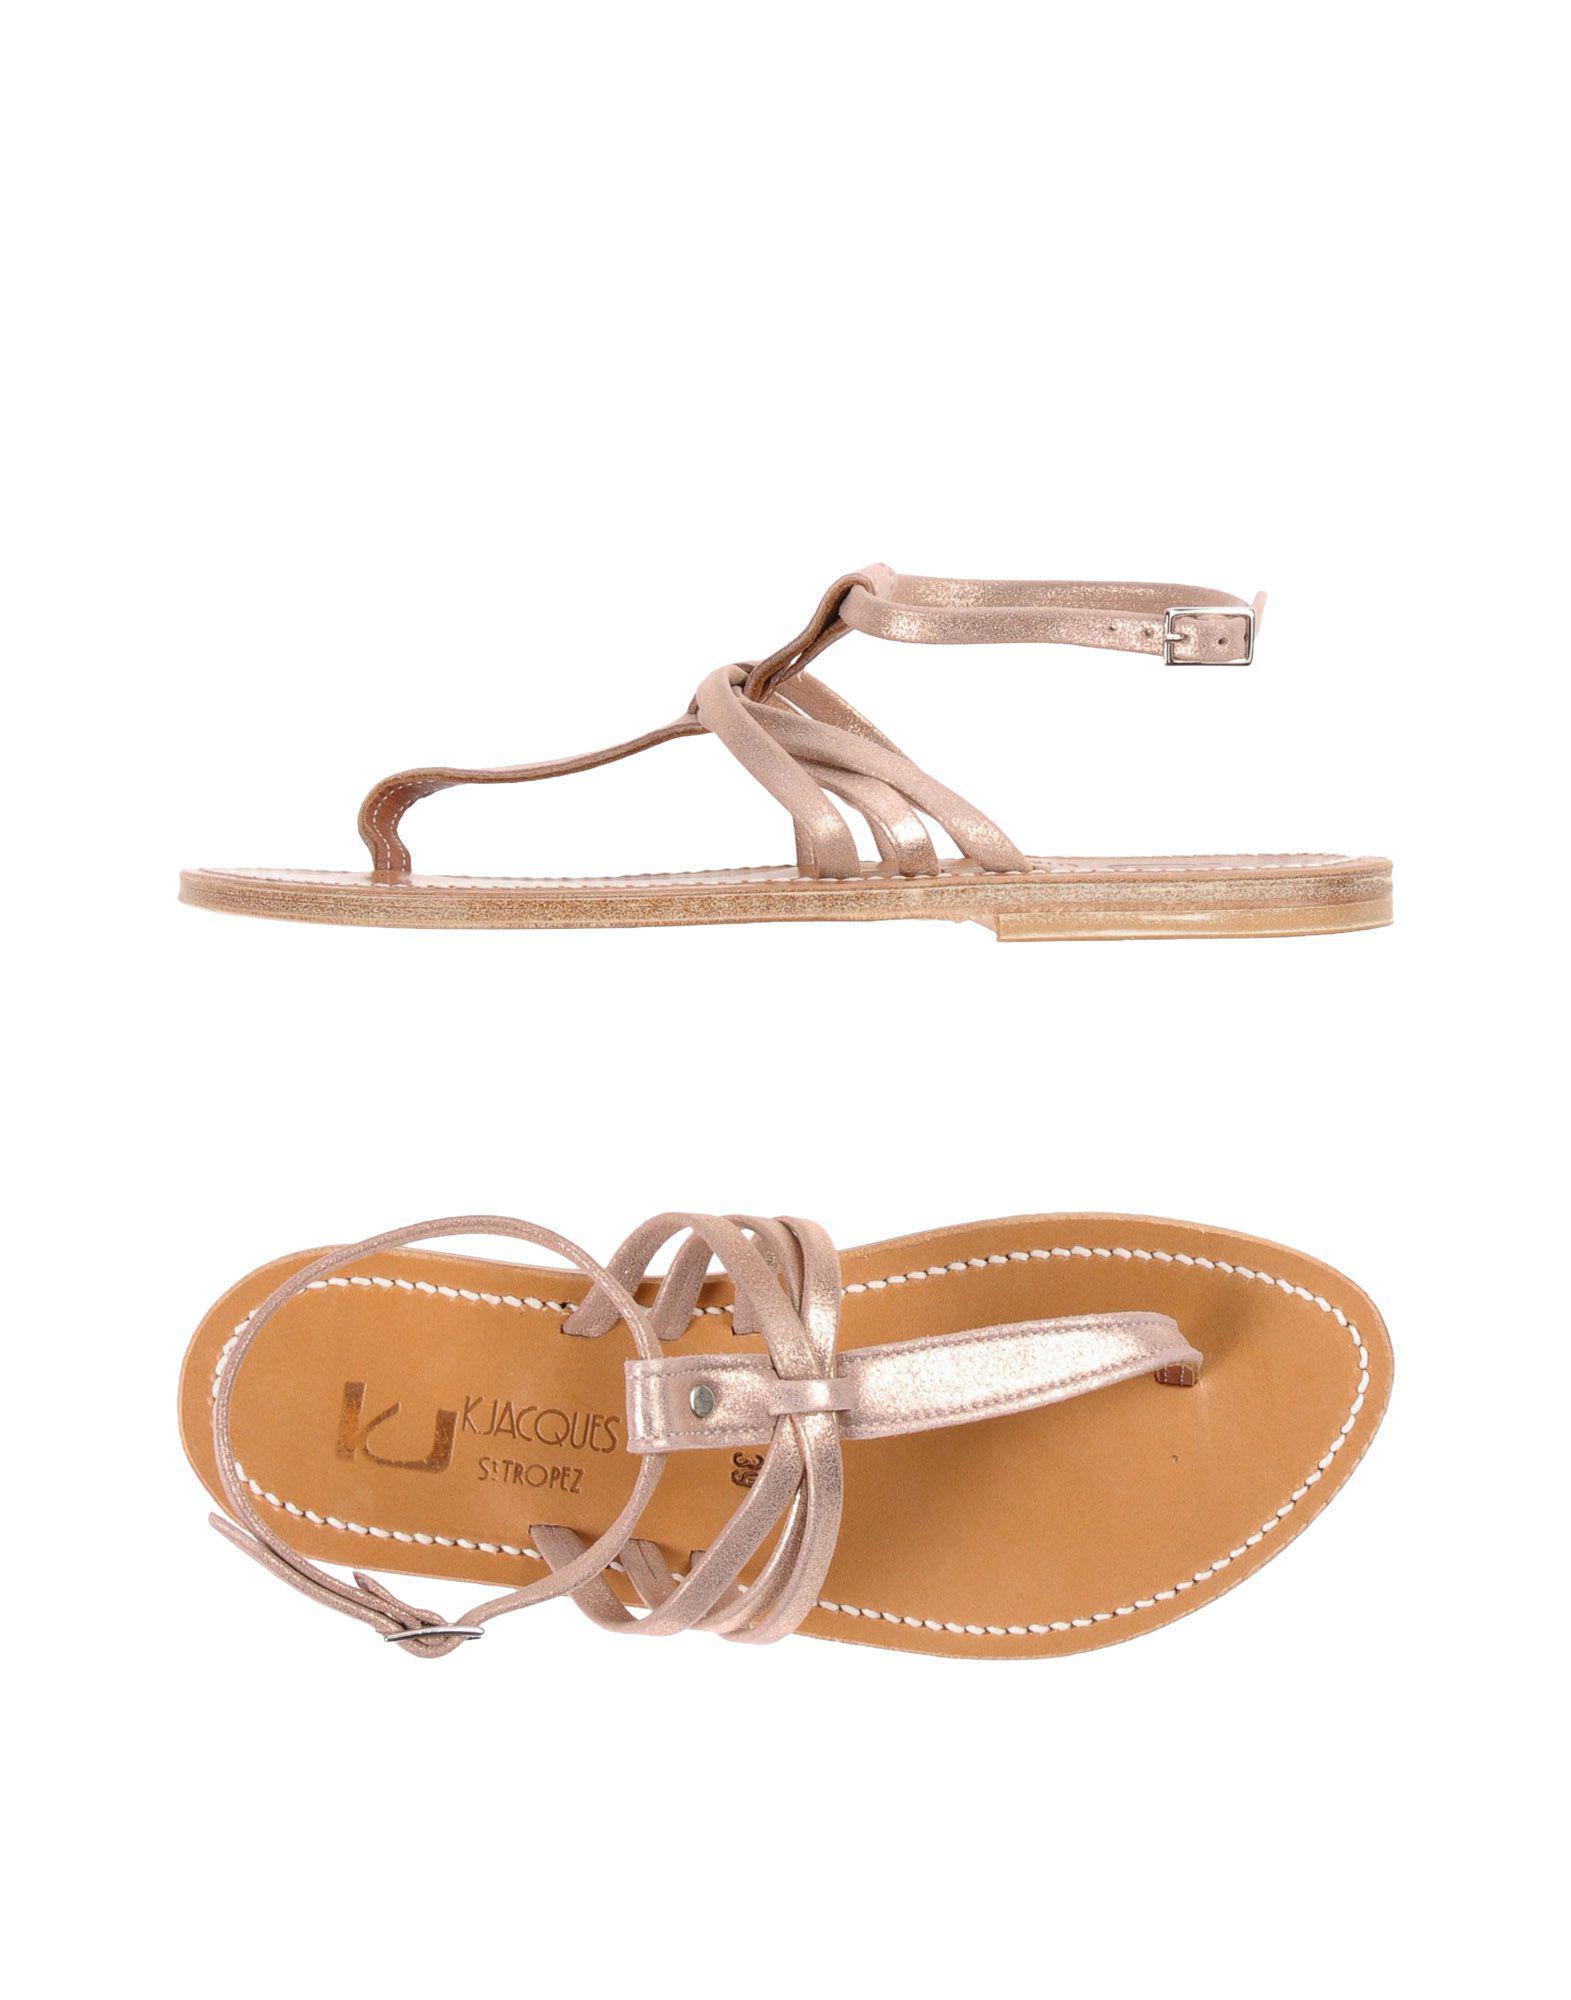 FOOTWEAR - Toe post sandals K.Jacques hNTsQrvOv